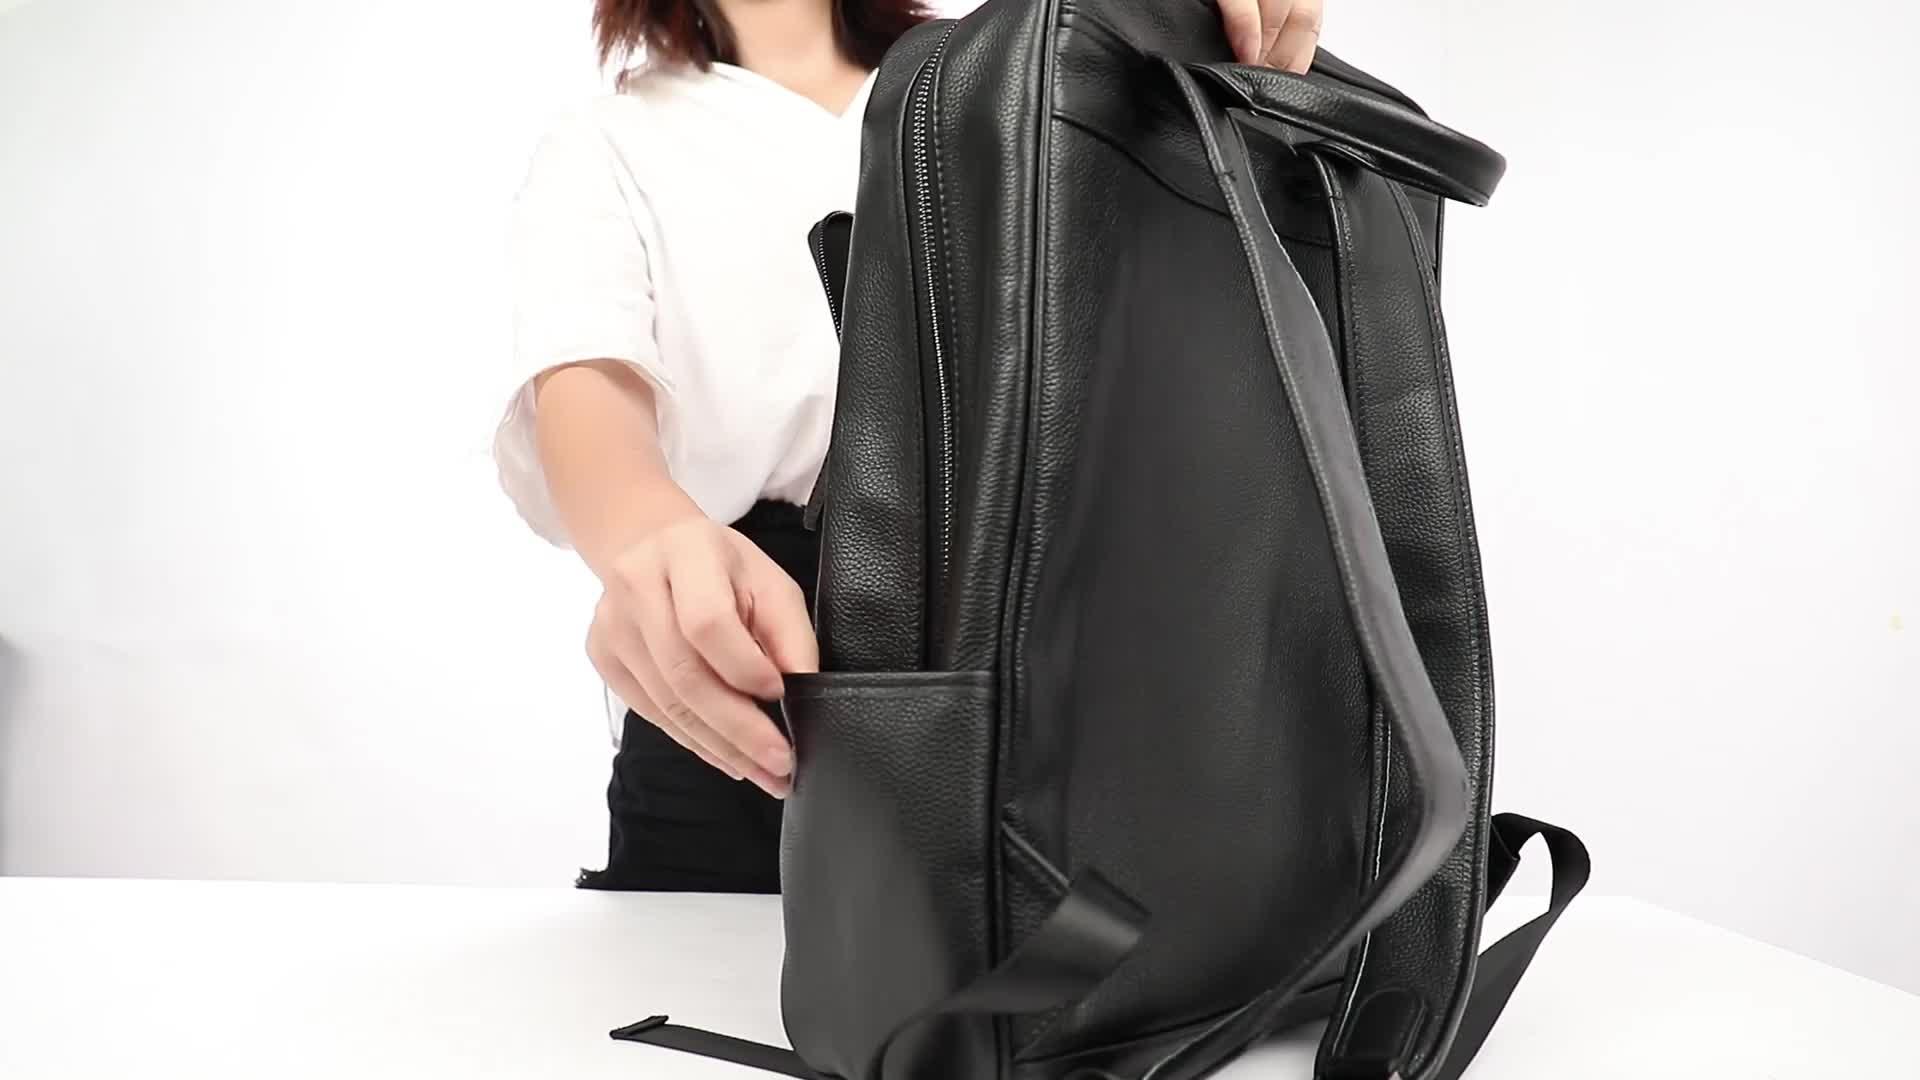 Bajo Moq aceptar logotipo personalizado 8110 de alta moda Casual escuela paquete de lujo de cuero portátil mochila bolsa 2019